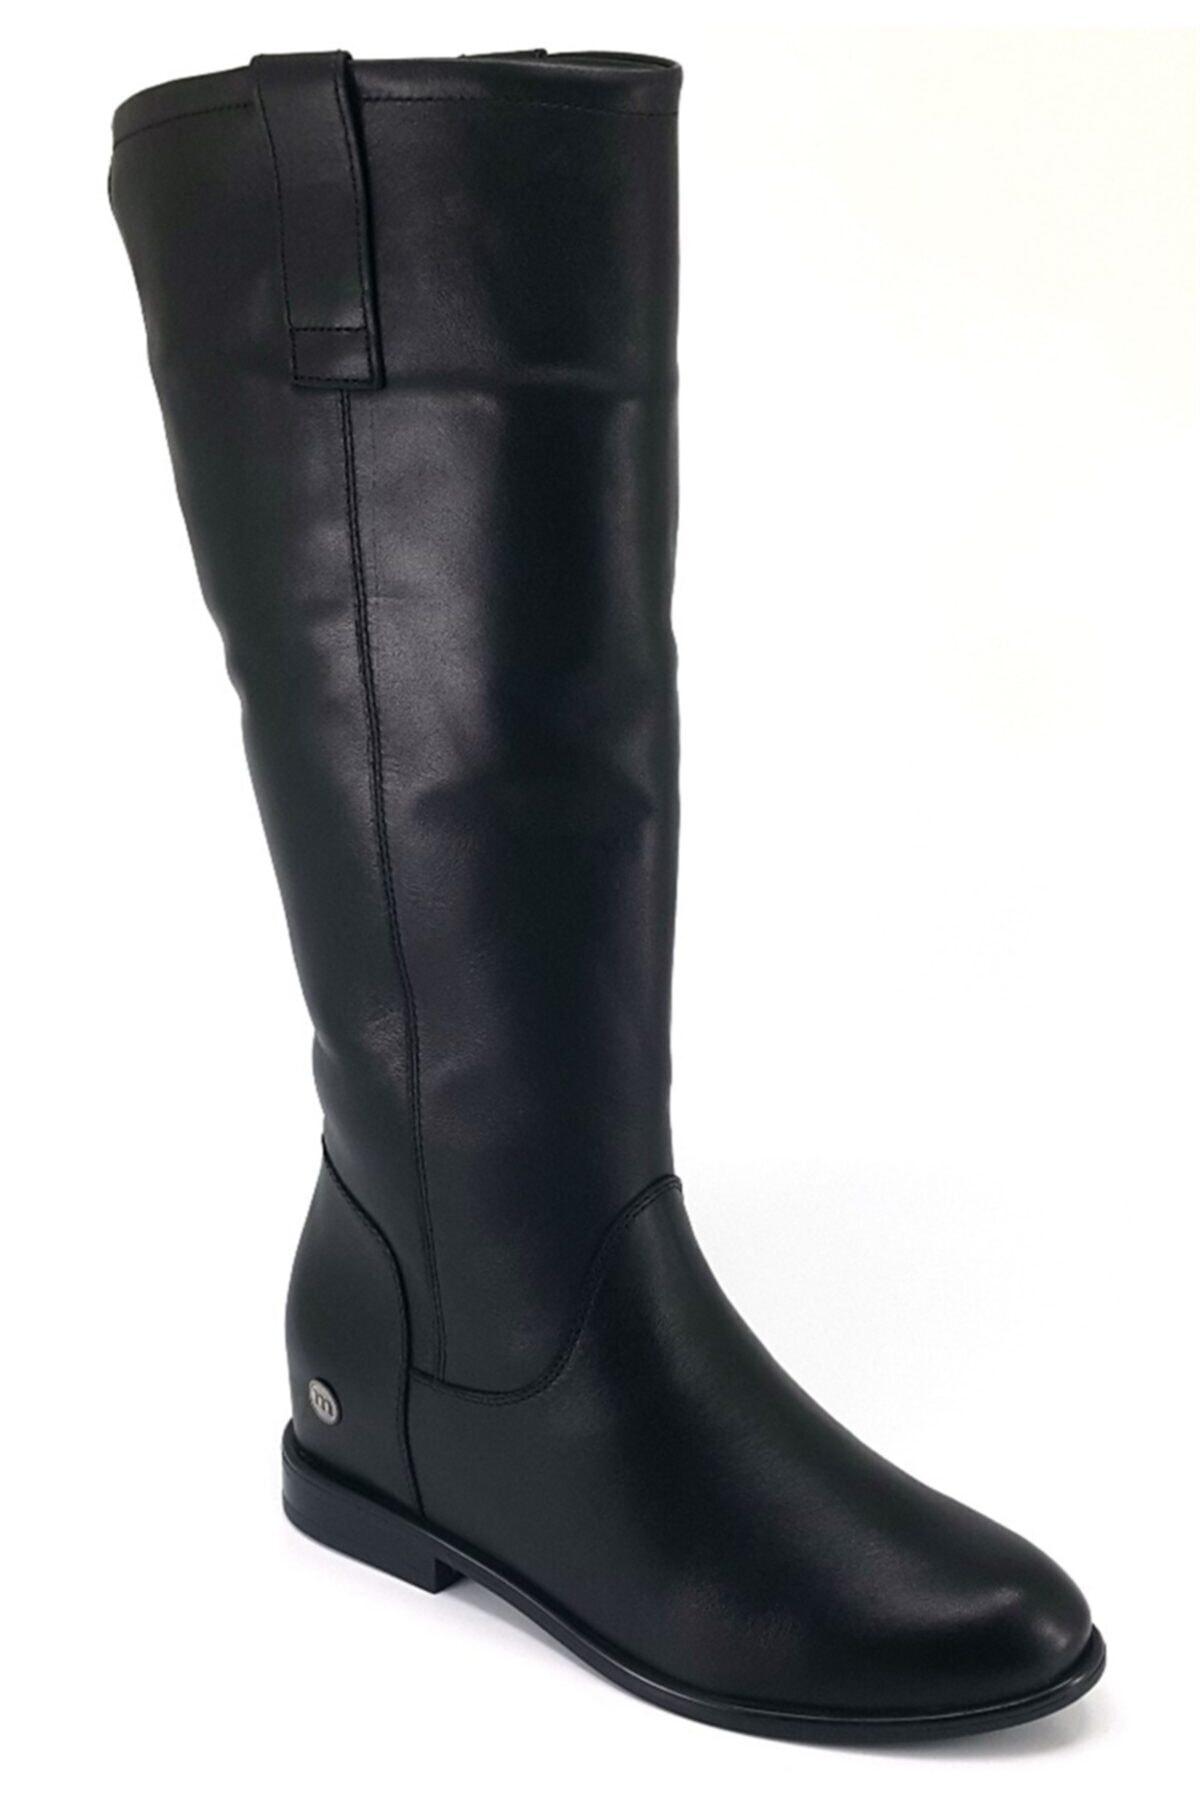 Mammamia 20kc 2060 Günlük Bayan Çizme-siyah 1